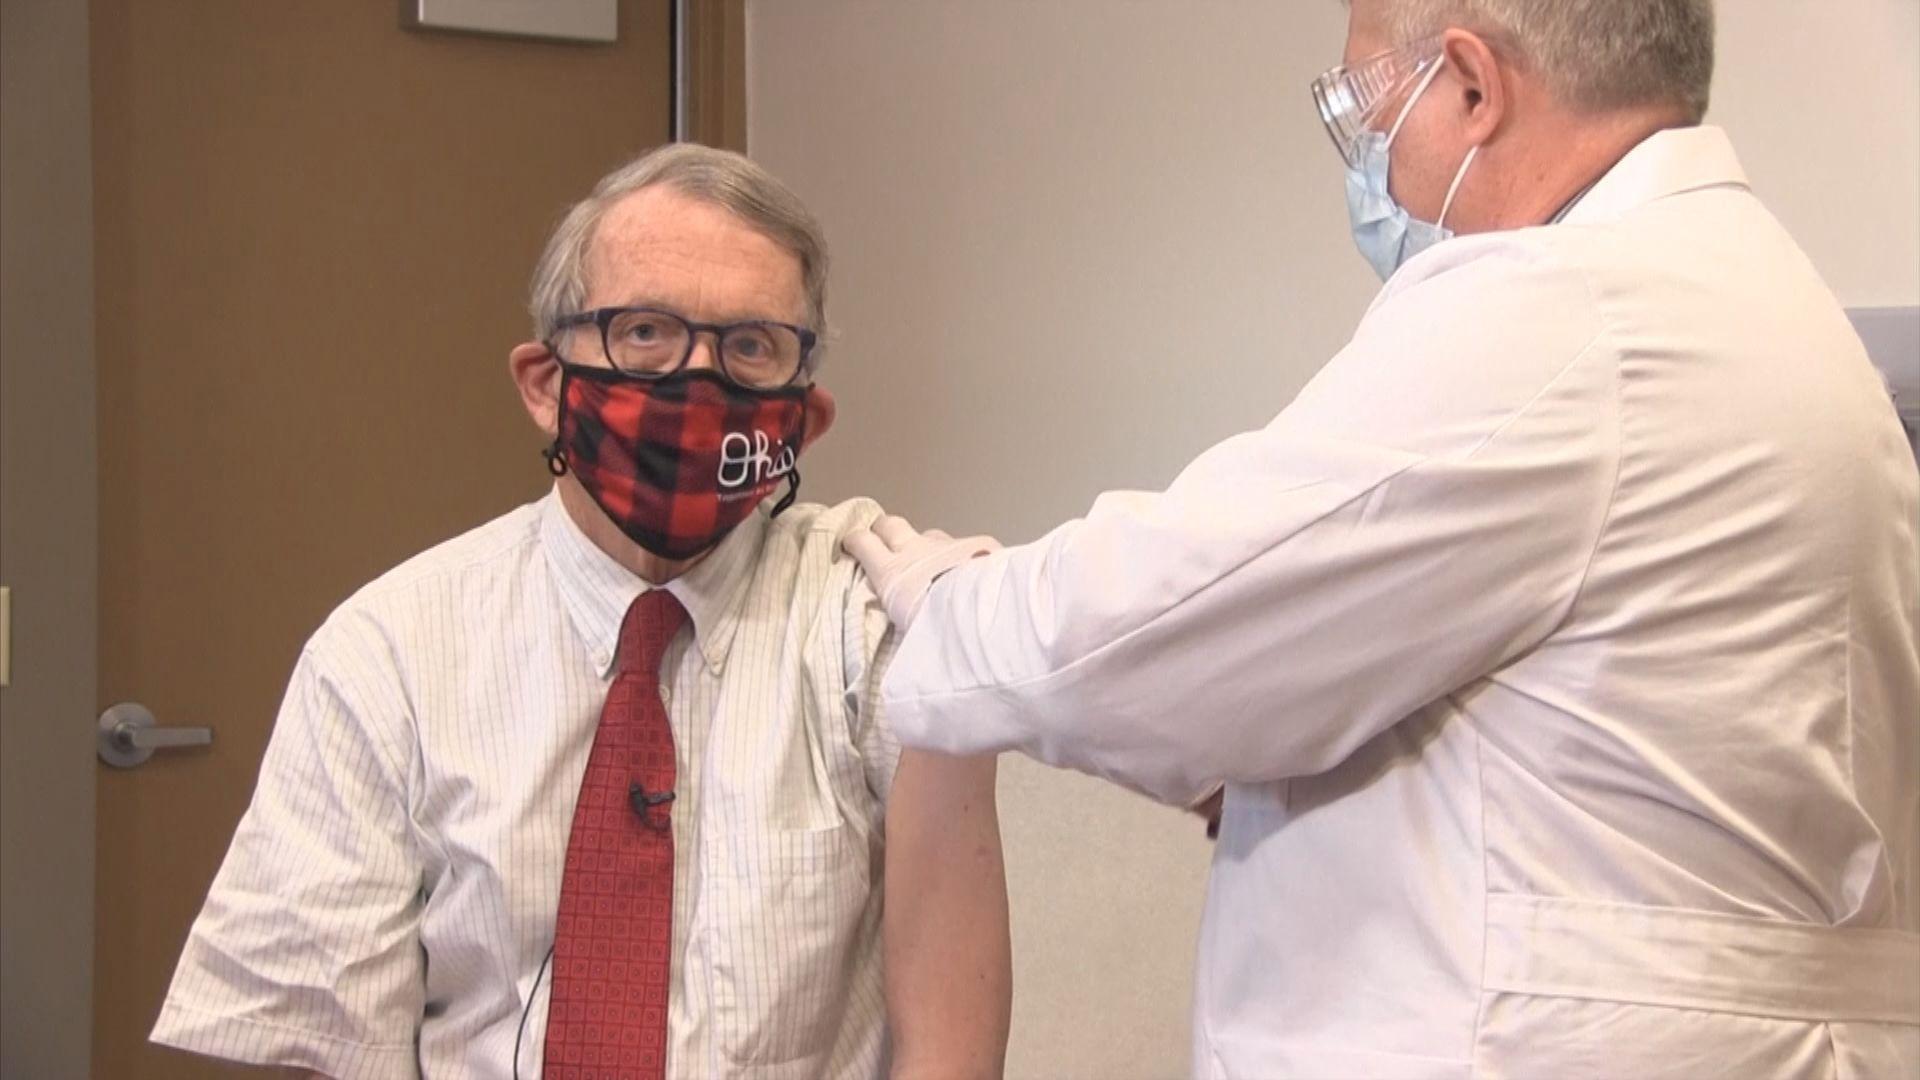 【環球薈報】美國俄亥俄州推百萬抽獎鼓勵接種疫苗